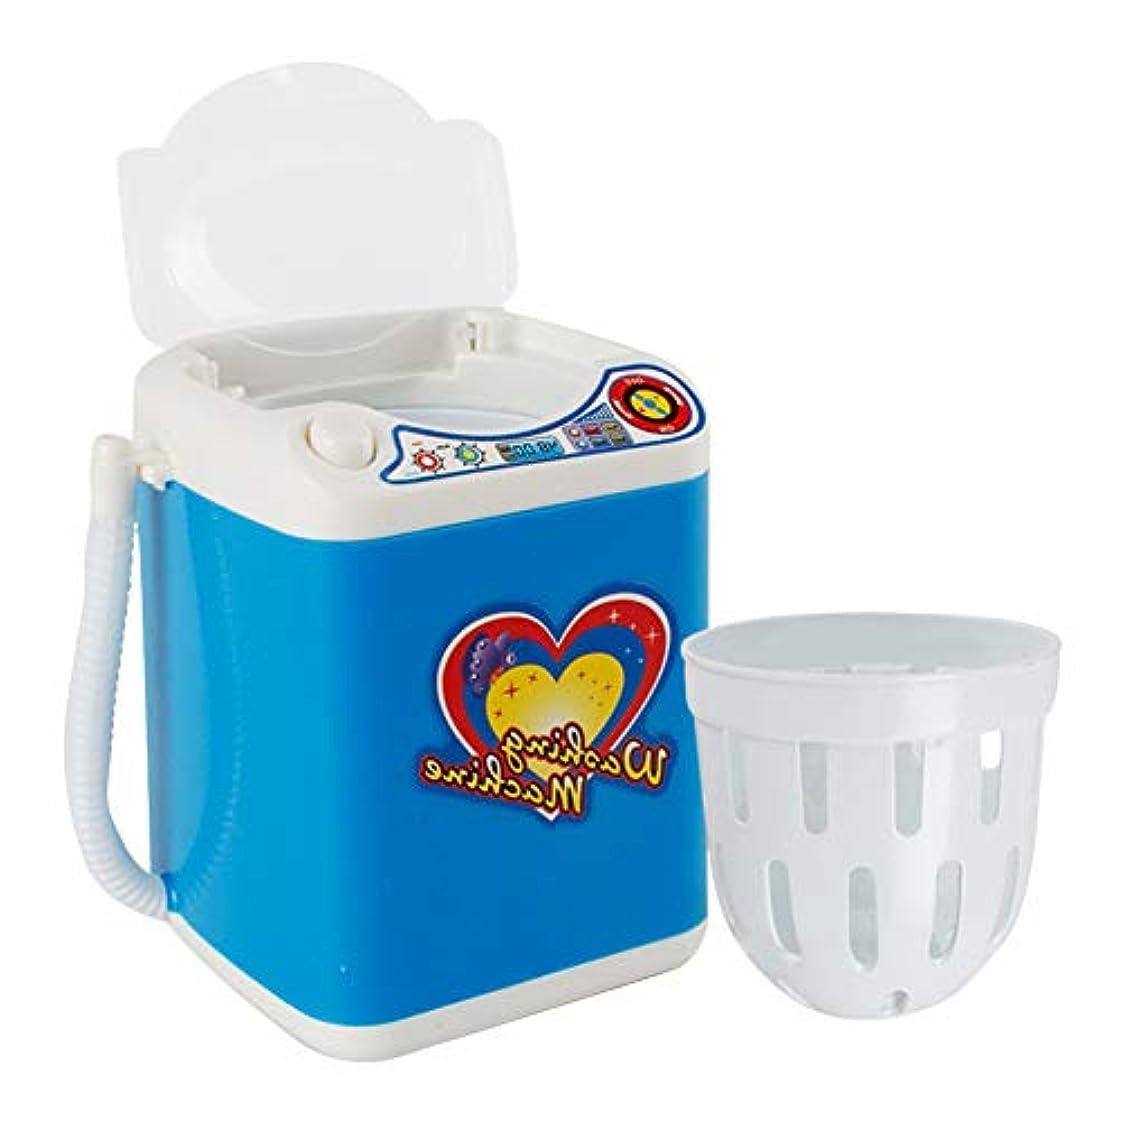 複製ボタン縮約洗濯機丈夫なクリーニング子供家具玩具ポータブル自動回転ミニ電気ふりプレイ電池式ランドリー排水バスケット化粧ブラシ(ブルー)